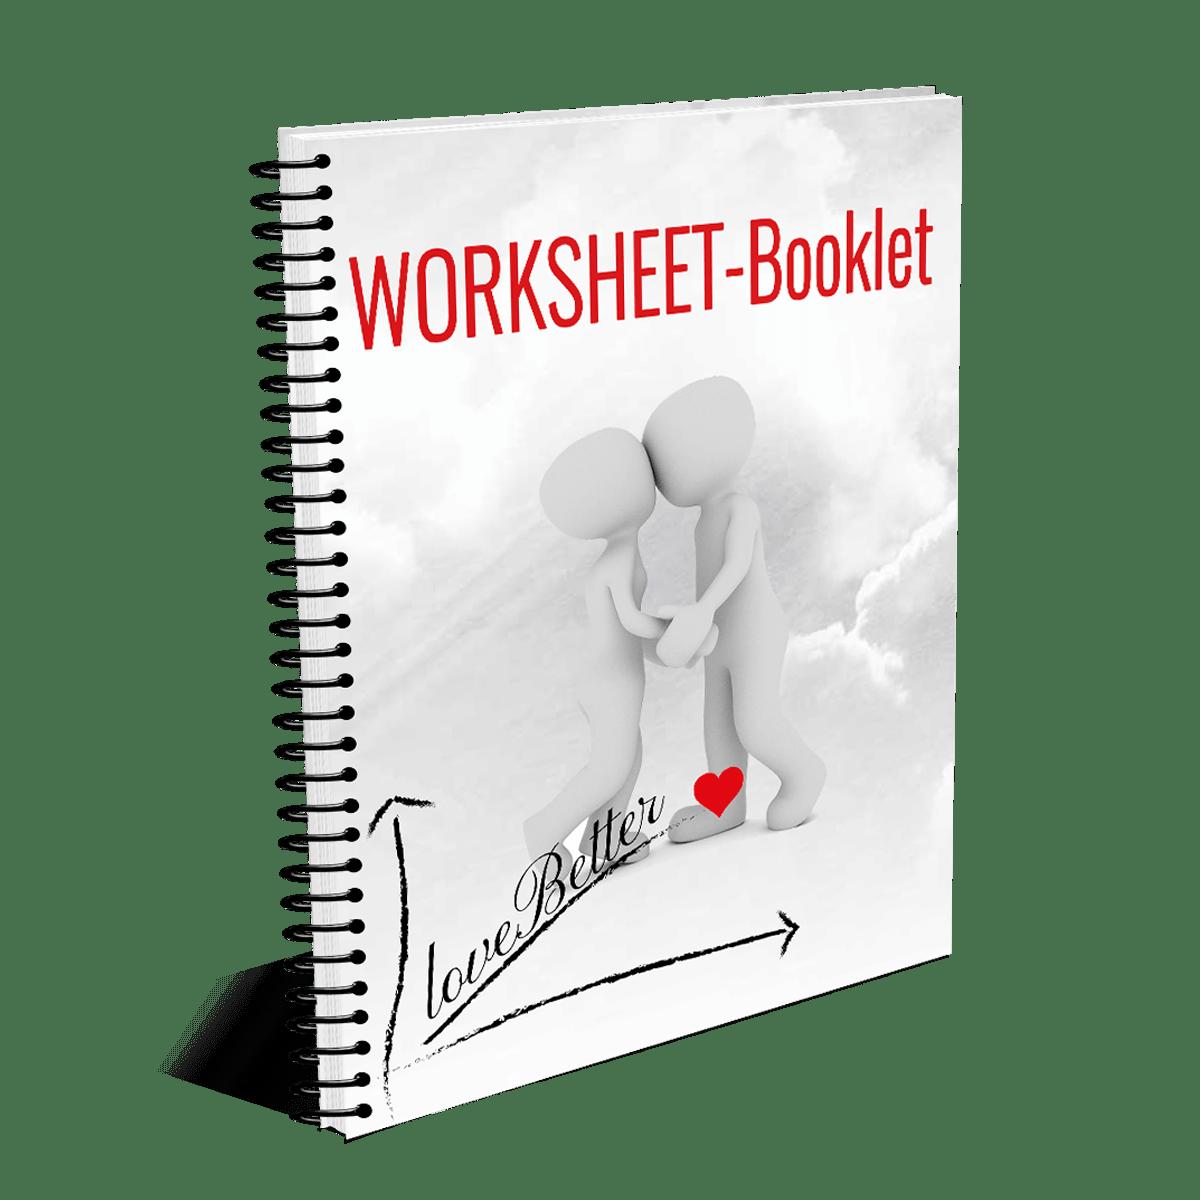 Der besondere Liebhaber WORKSHEET-Booklet